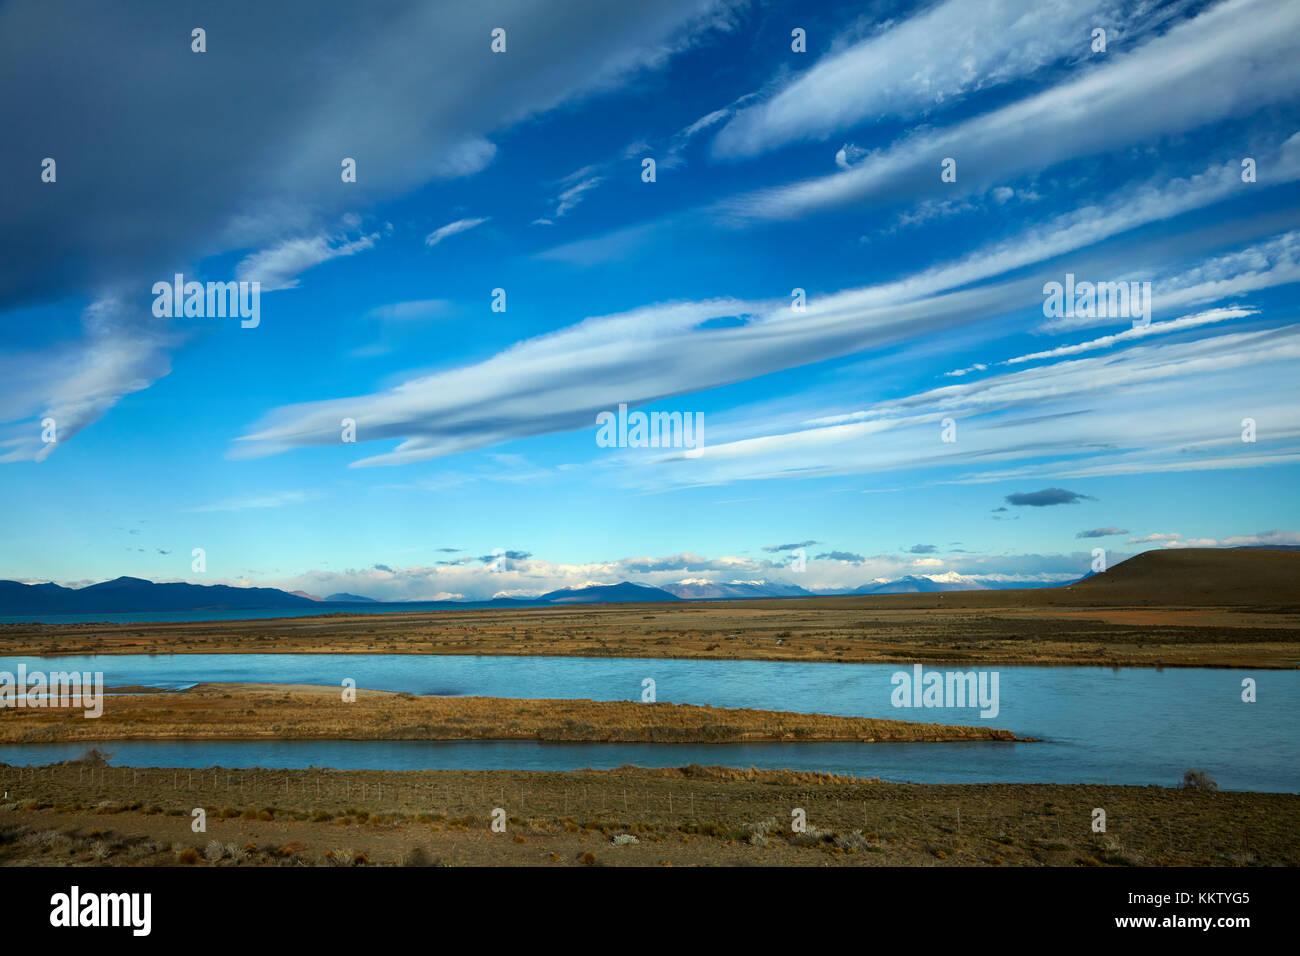 Río La Leona, Patagonia, Argentina, Sudamérica Imagen De Stock